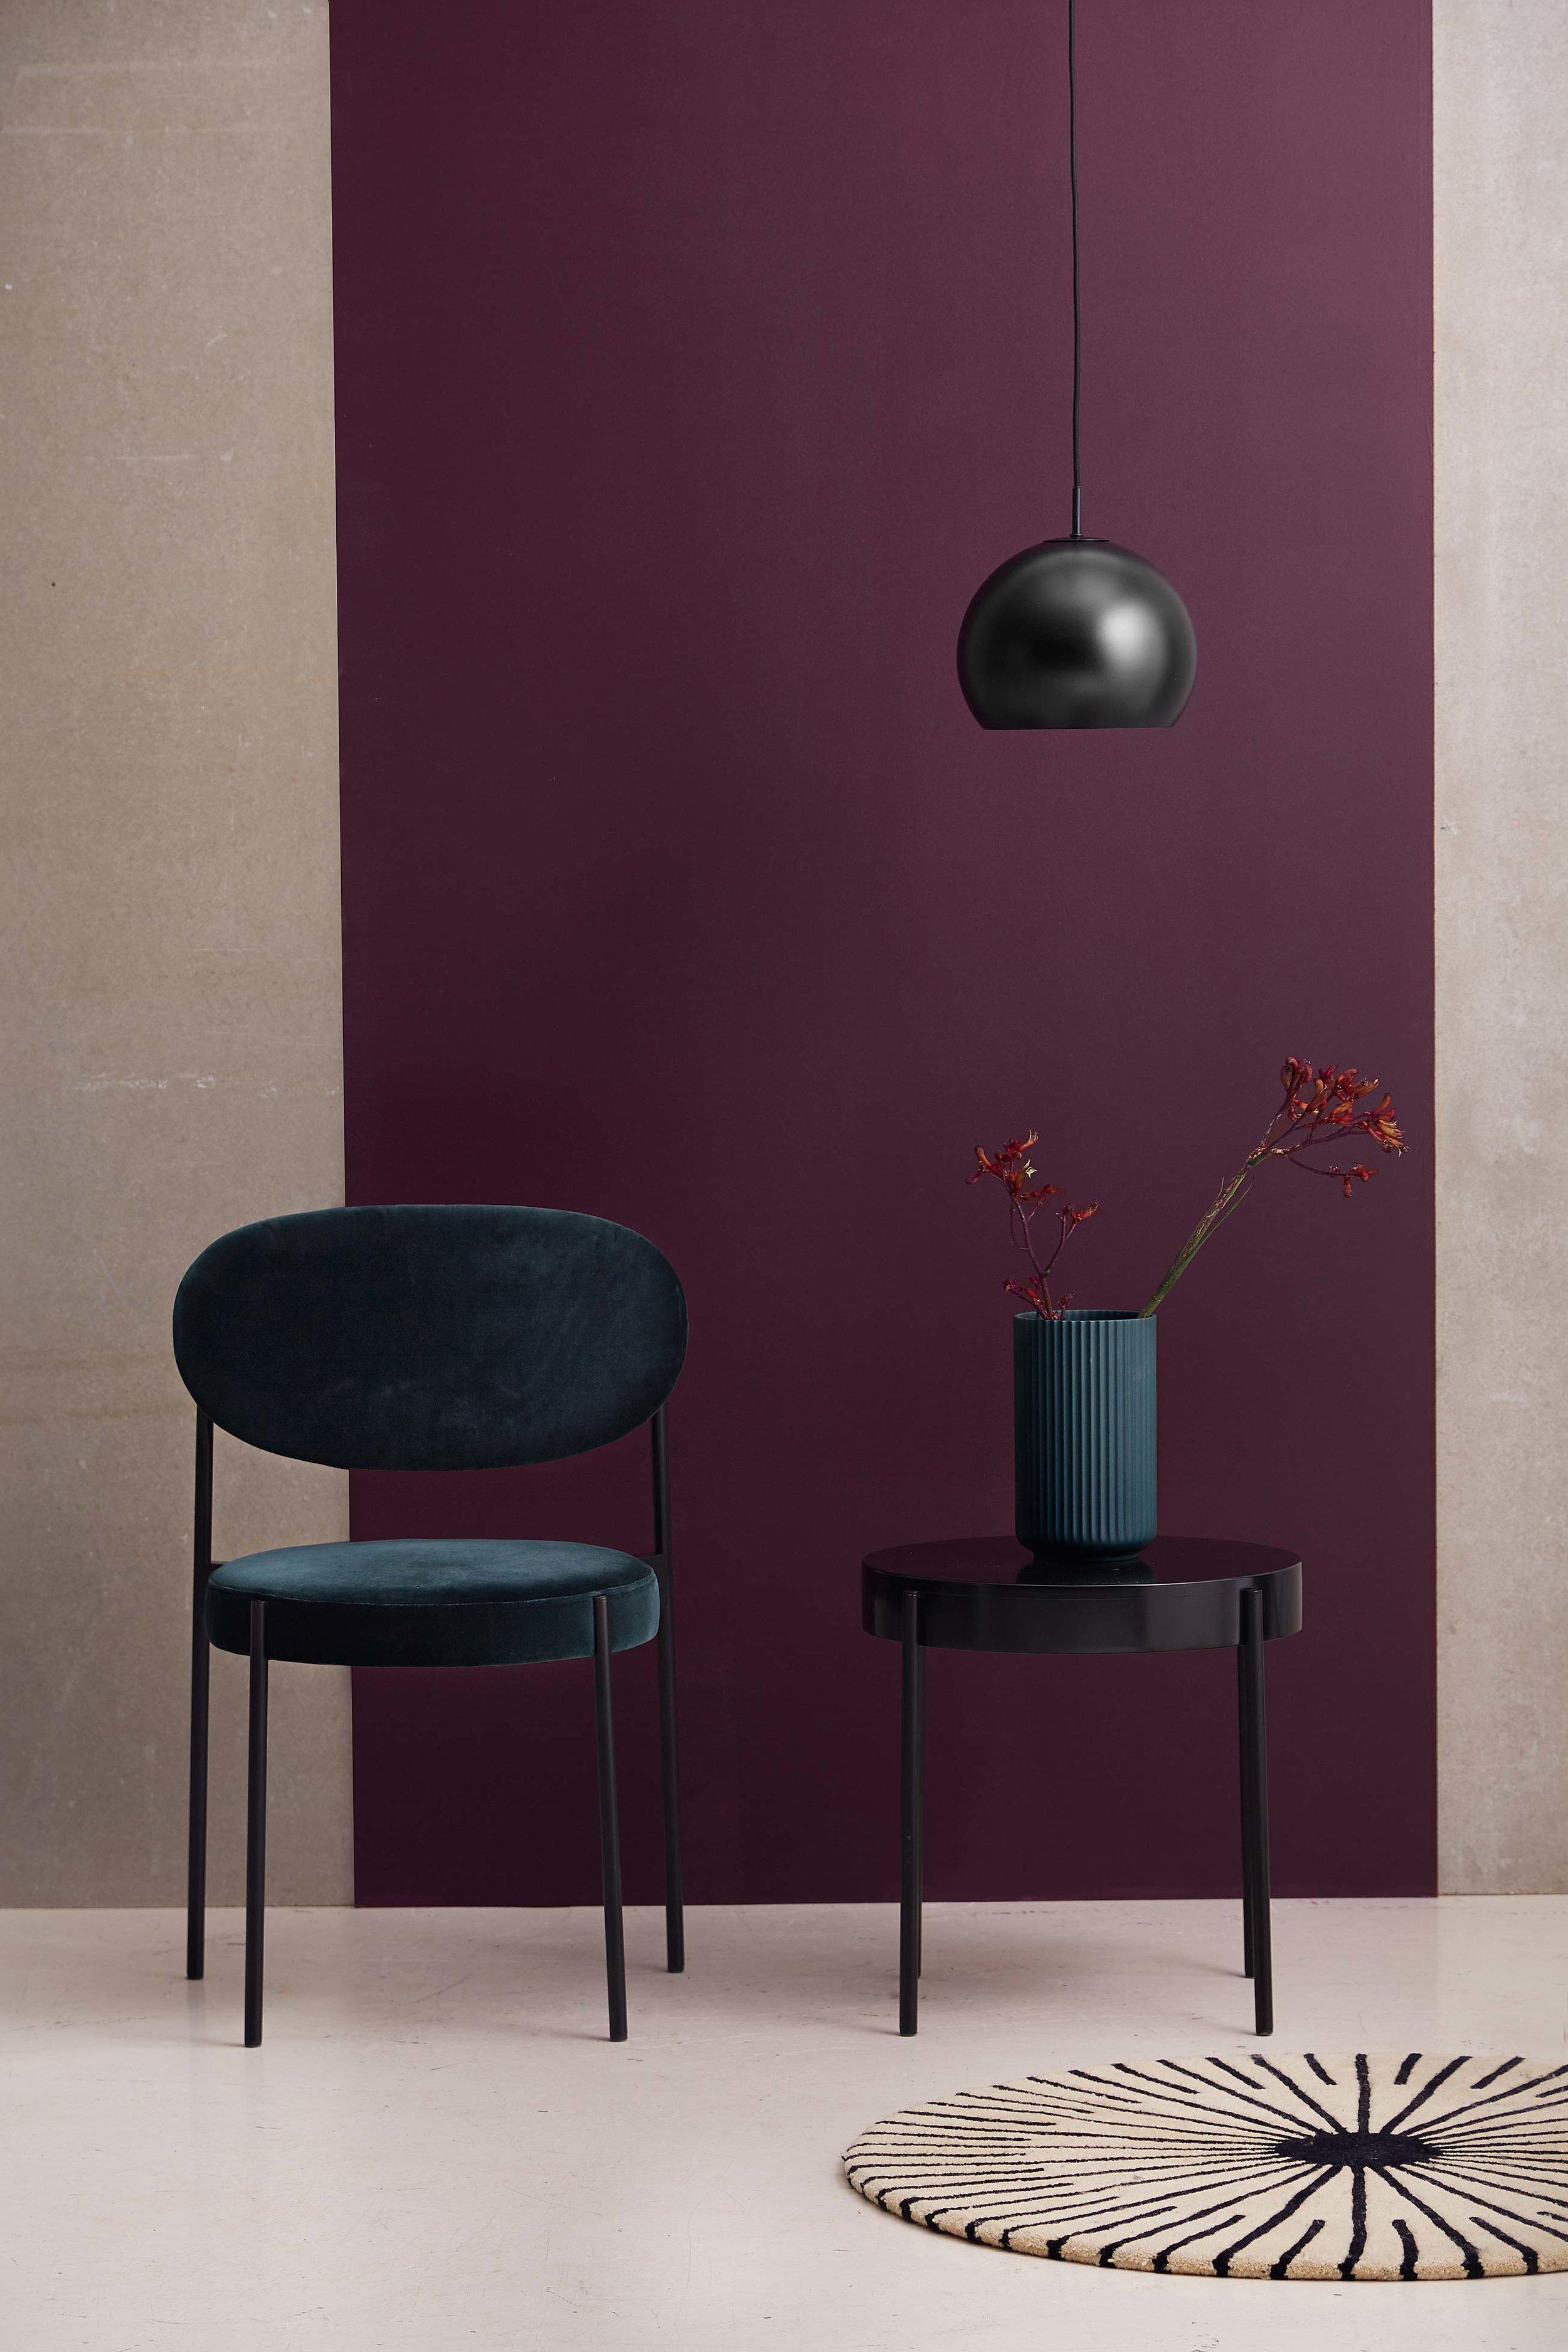 Ball-pendant-25-cm-black-matt---lifestyle-studio-Horsens-1370.jpg